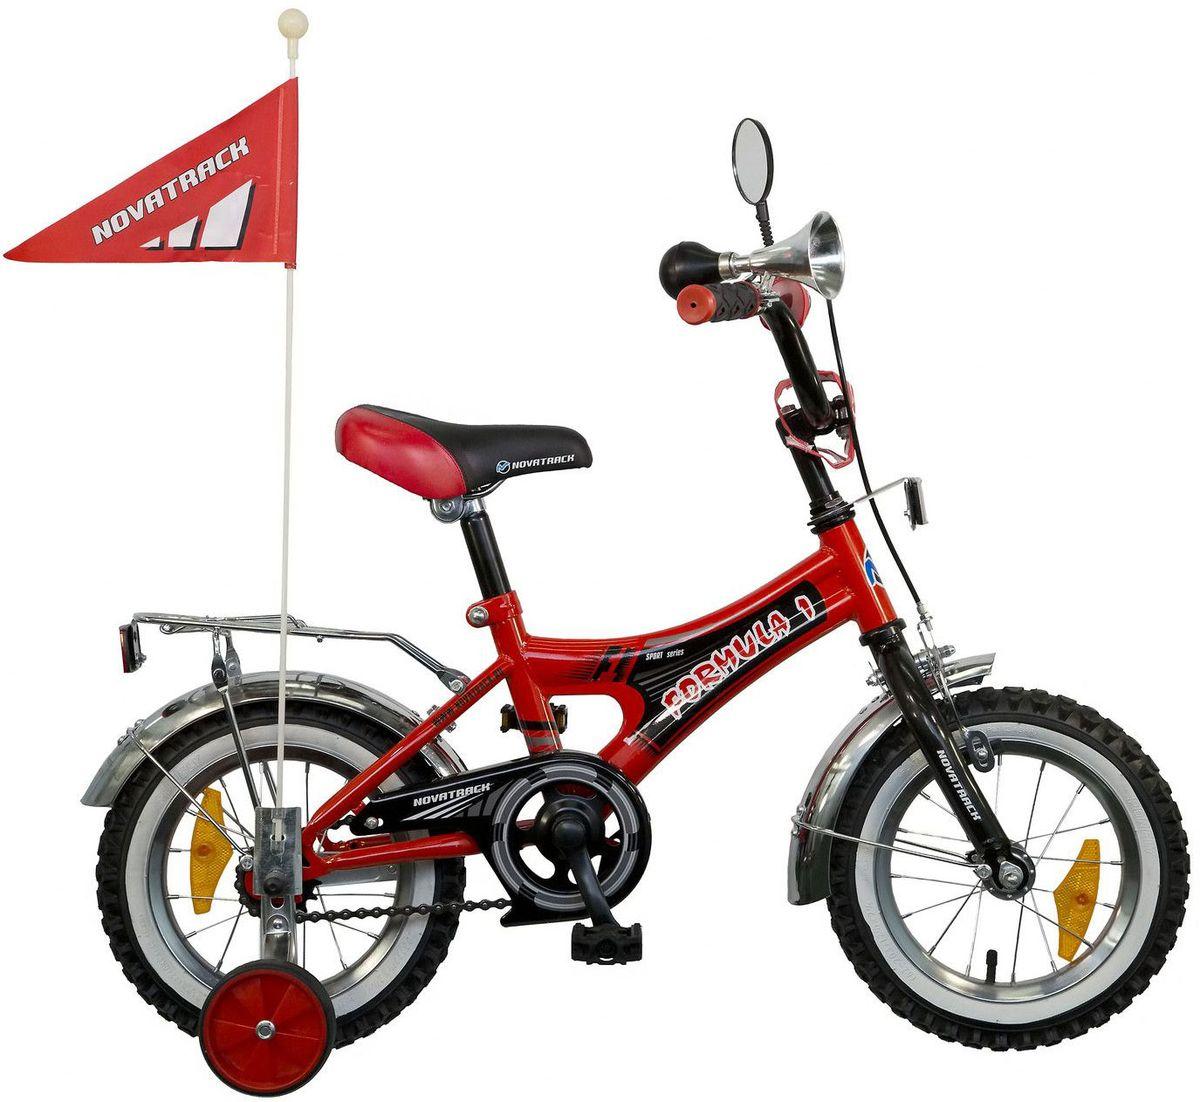 Велосипед детский Novatrack Формула, цвет: красный, черный, 12125FORMULA.RD5Велосипед Novatrack Формула со стальной универсальной рамой имеет диаметр колес 12. Предназначен для детей в возрасте от 3 до 5 лет. Тип рамы удобен как для мальчиков, так и для девочек. Интегрированный ограничитель руля гарантирует безопасность вашему ребенку. Надувные колеса оснащены ниппелем под автомобильный насос. Модель имеет хромированные обода, крылья, багажник, а также цветные рукоятки руля, выполненные из мягкой резины. Задняя тормозная втулка и передний тормоз клещевого типа. Широкие поддерживающие колеса с резиновой внешней частью, усиленные кронштейны. Модель оснащена однокомпонентными шатунами. Высокий руль обеспечивает комфортную посадку. Имеется 4 отражателя : передний, задний и 2 на колесах. Цепь защищена, благодаря чему в нее не попадает одежда. Модель оснащена сигнальным гудком, зеркалом и флажком.Какой велосипед выбрать? Статья OZON Гид